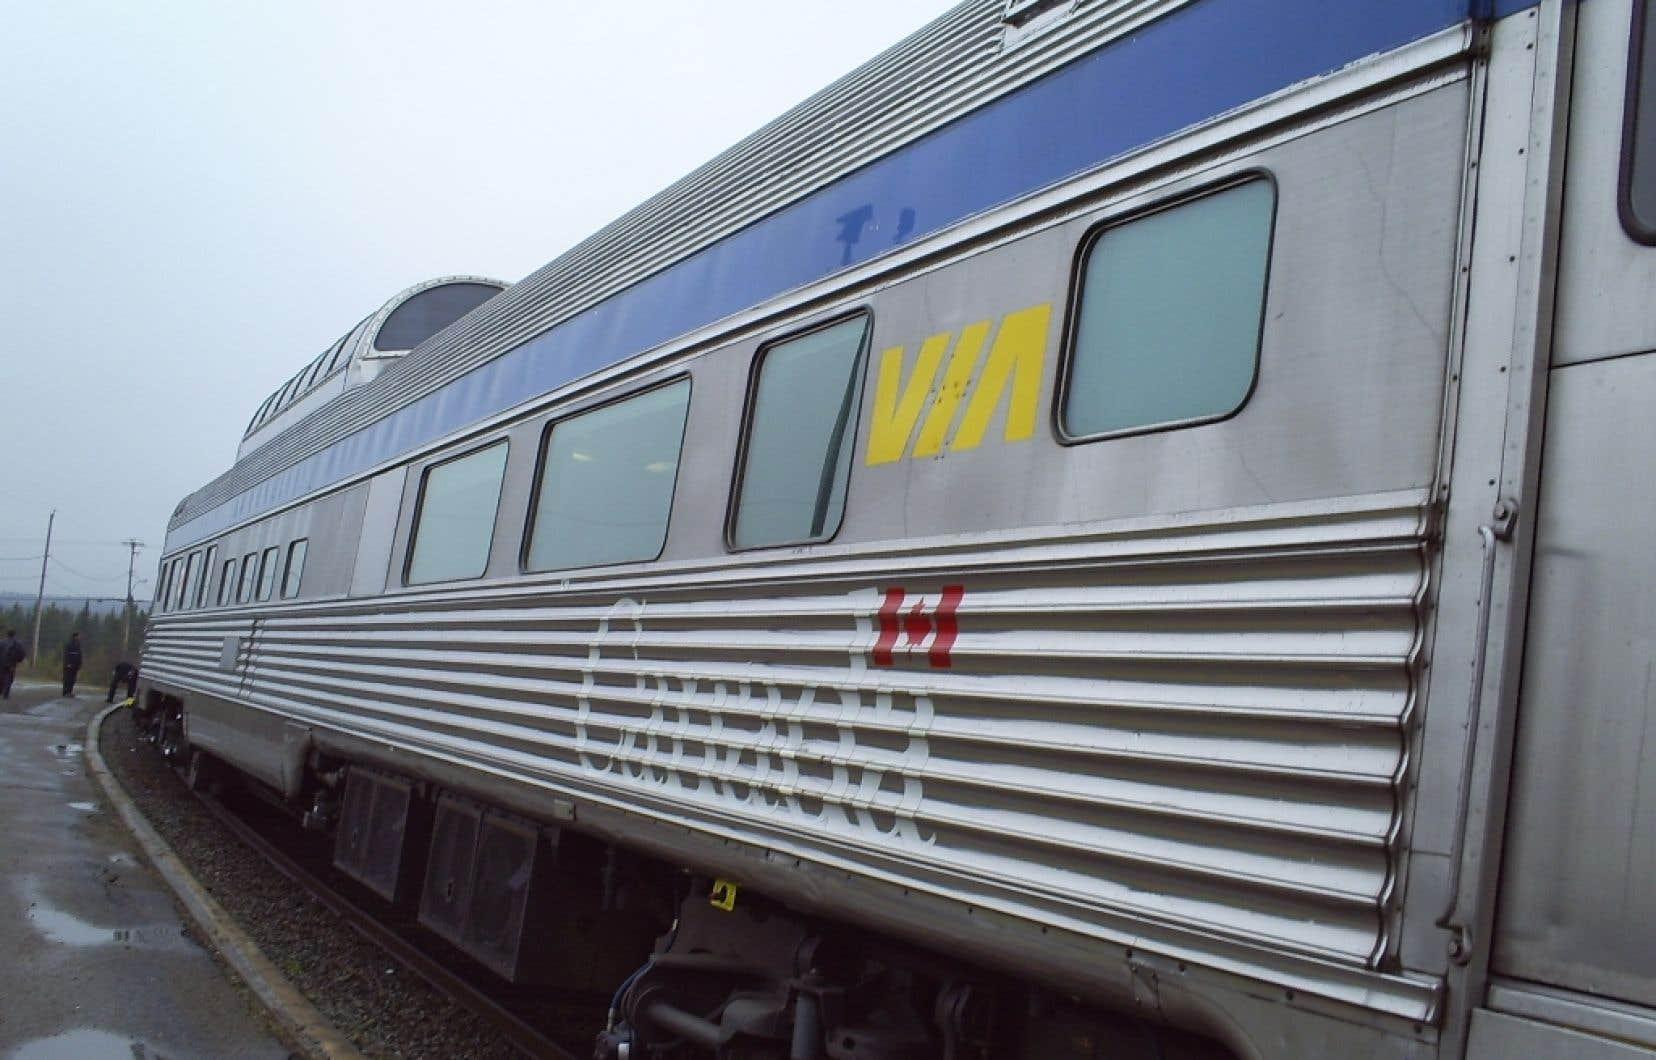 Le service de train de VIA Rail entre Montréal et Toronto et entre Ottawa et Toronto est encore interrompu dans les deux directions mercredi.